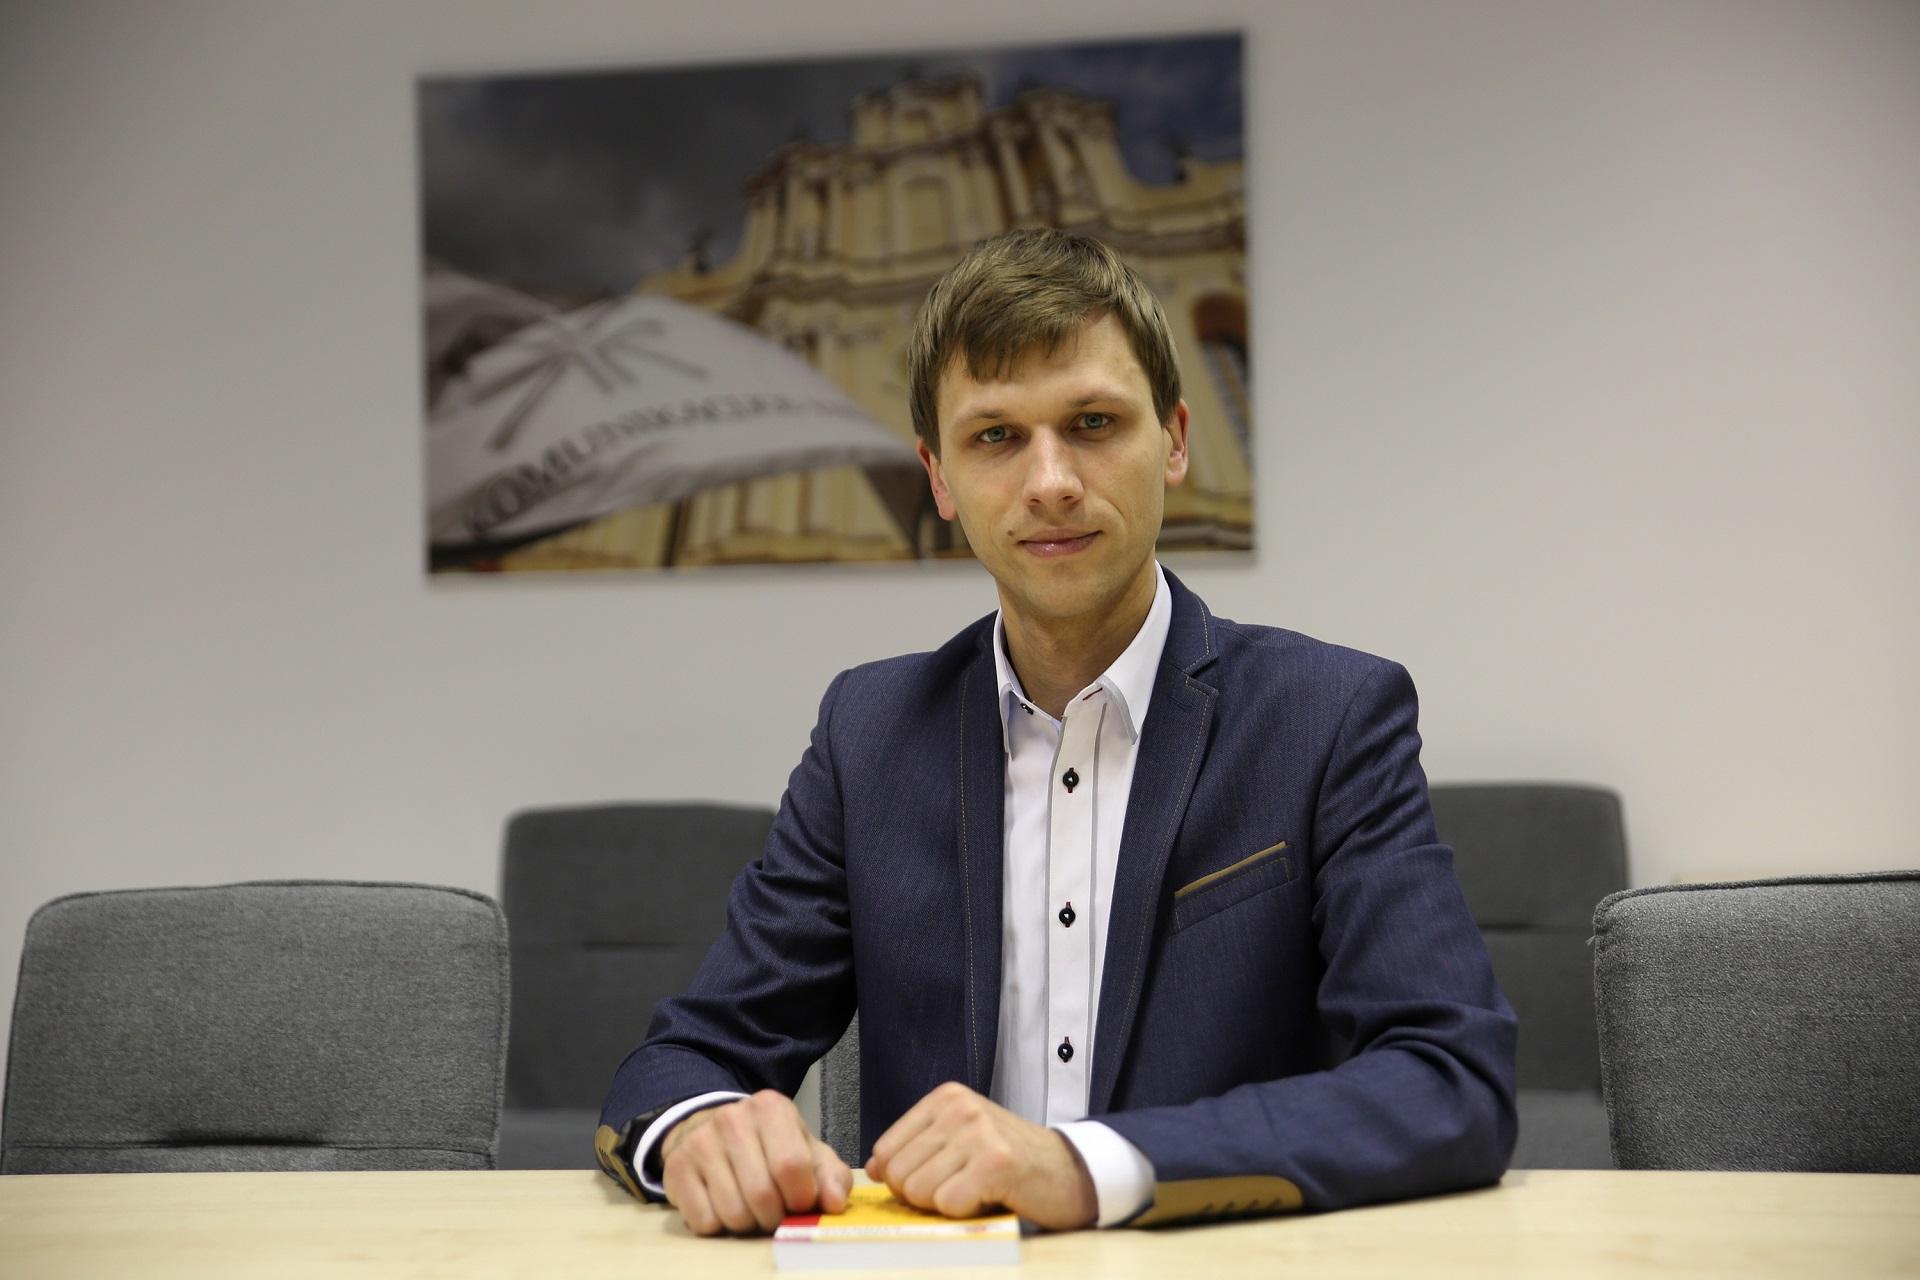 Pasak Andriaus Šumino, Gdansko mero nužudymui įtakos galėjo turėti pasisakymai socialiniame tinkle. Asmeninio archyvo nuotr.